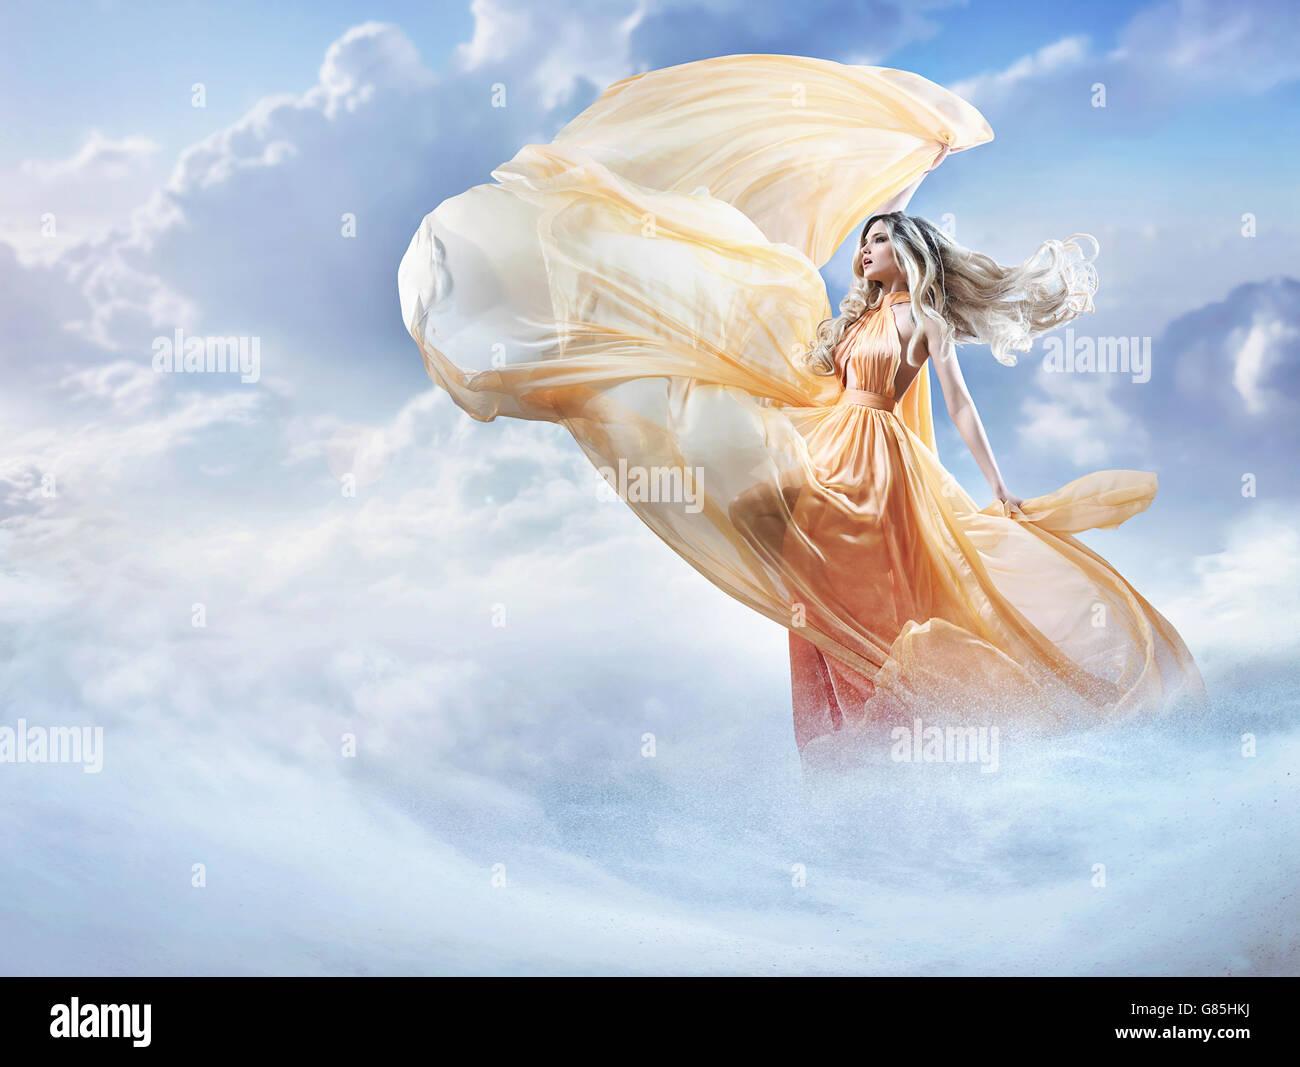 Imagen de ensueño de una joven y bella mujer en las nubes Imagen De Stock